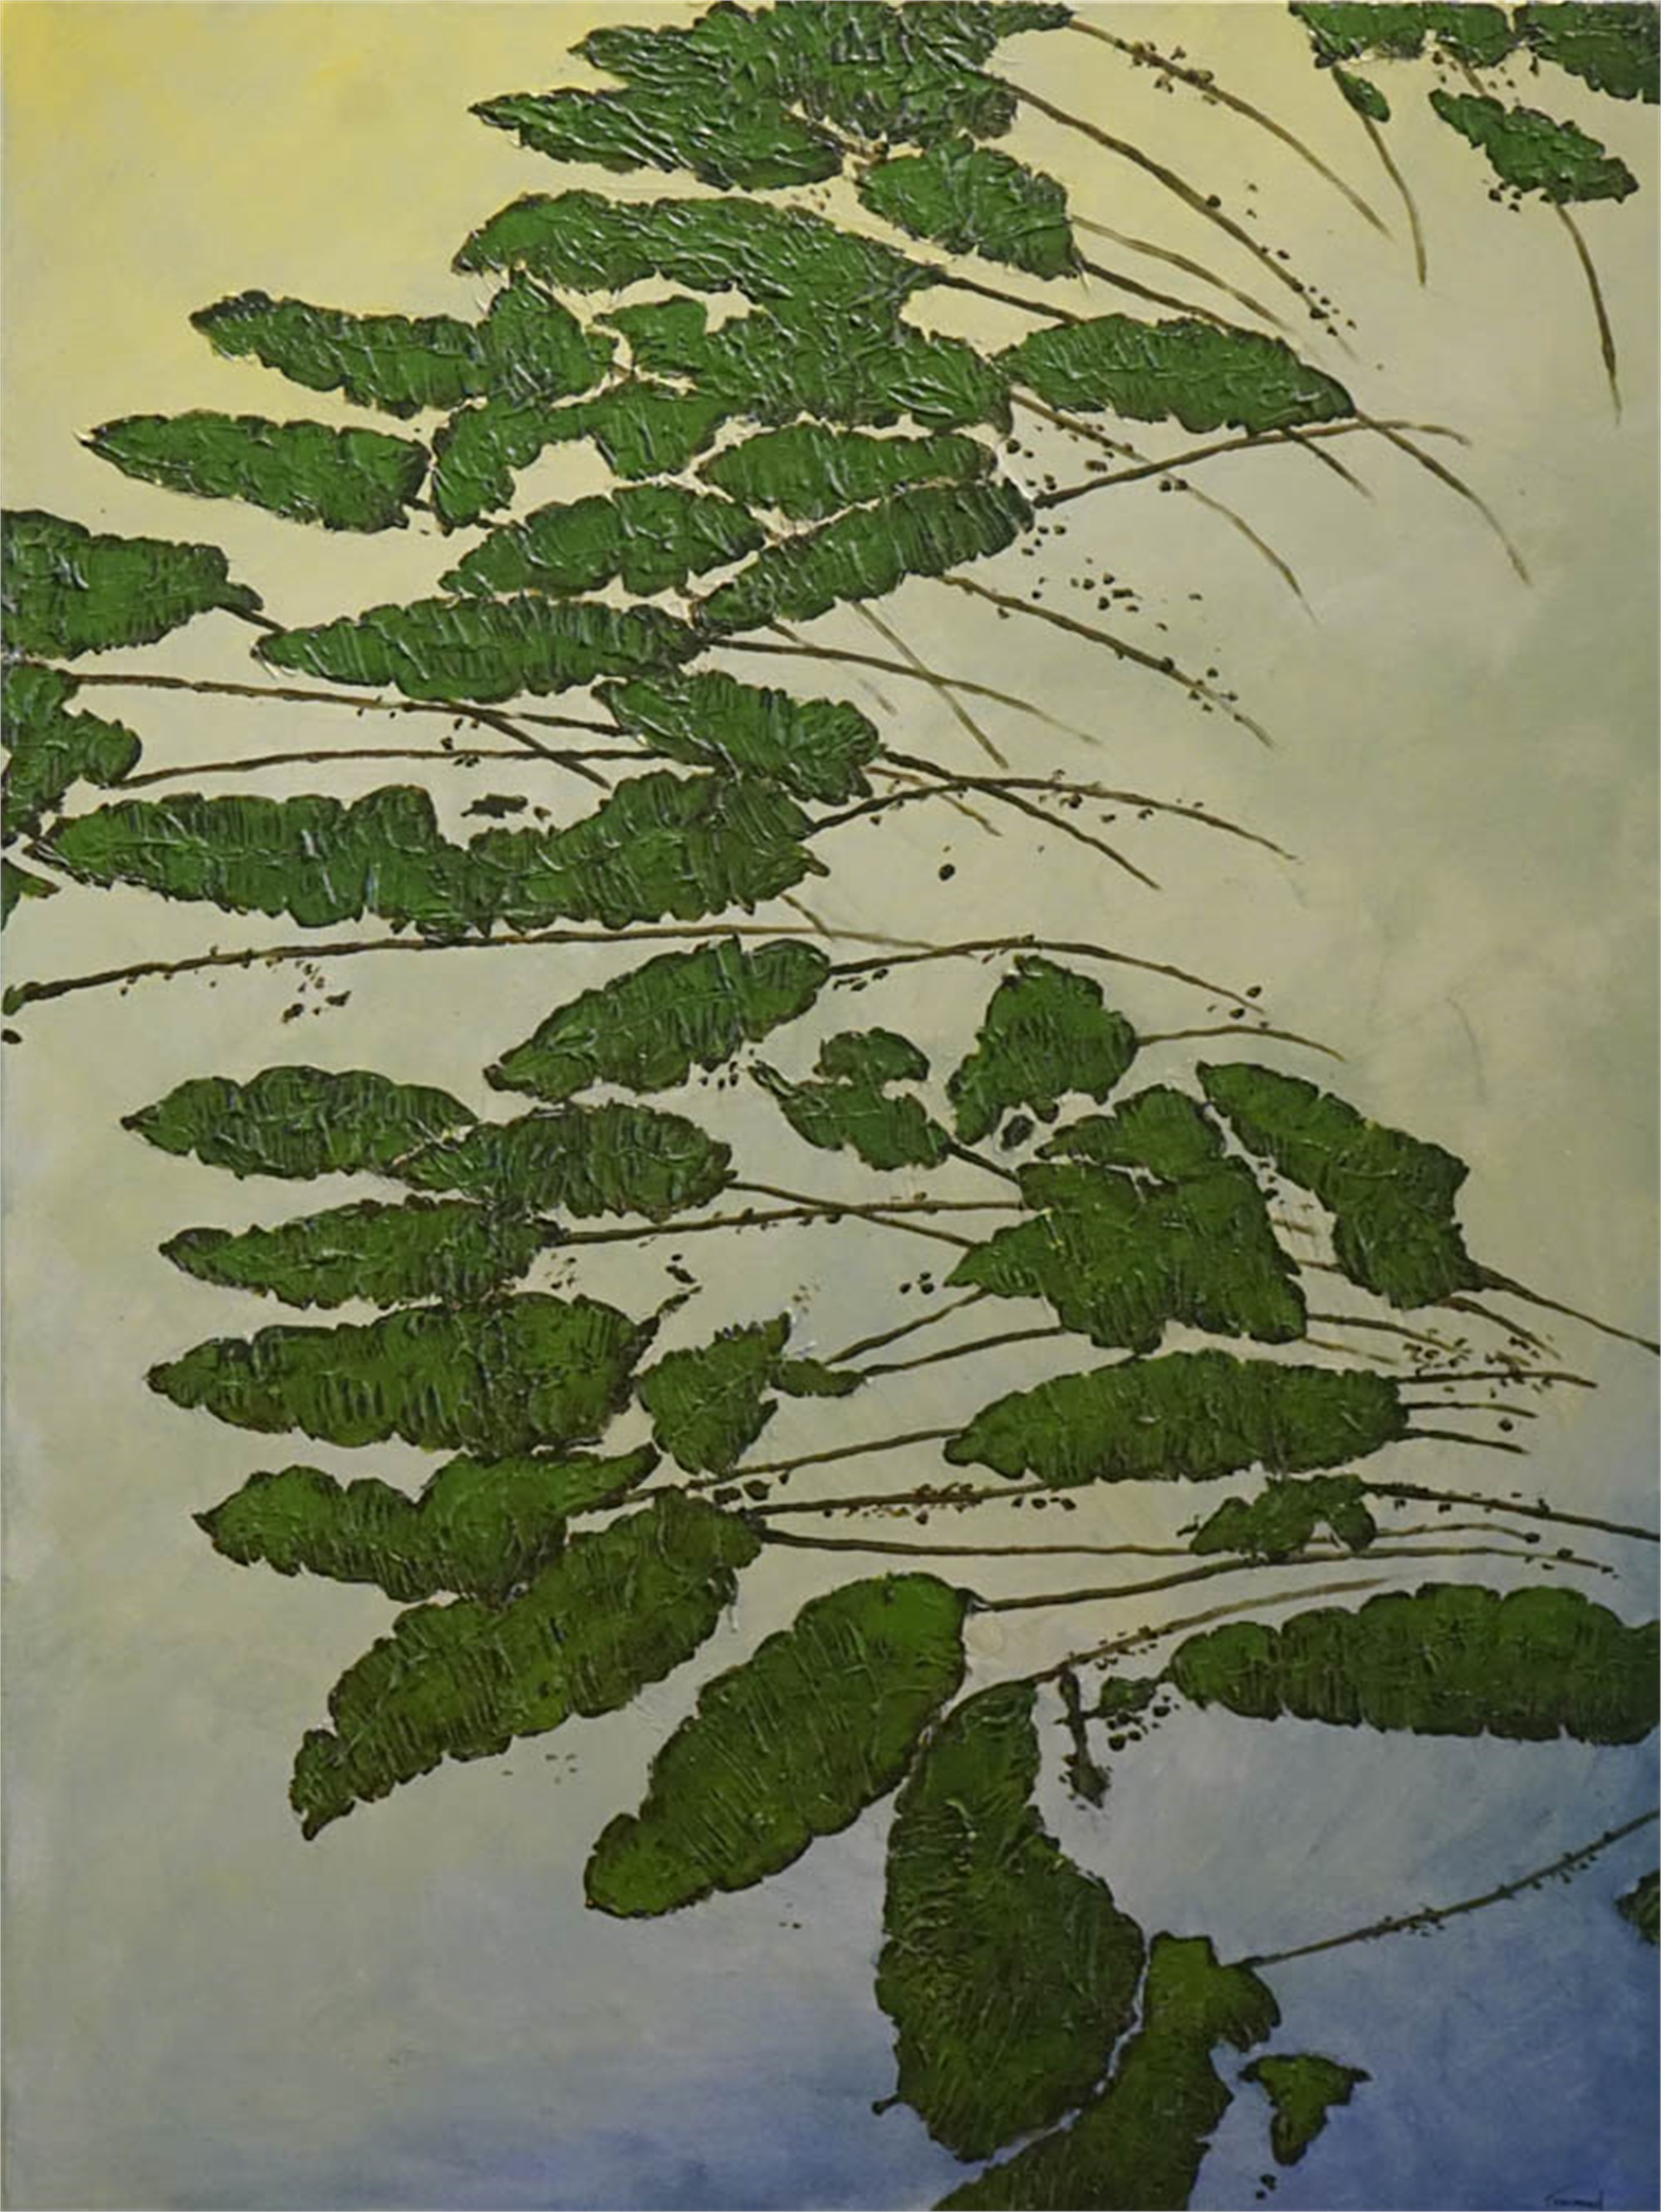 Narrow-Leaf Spatterdock by John Townsend